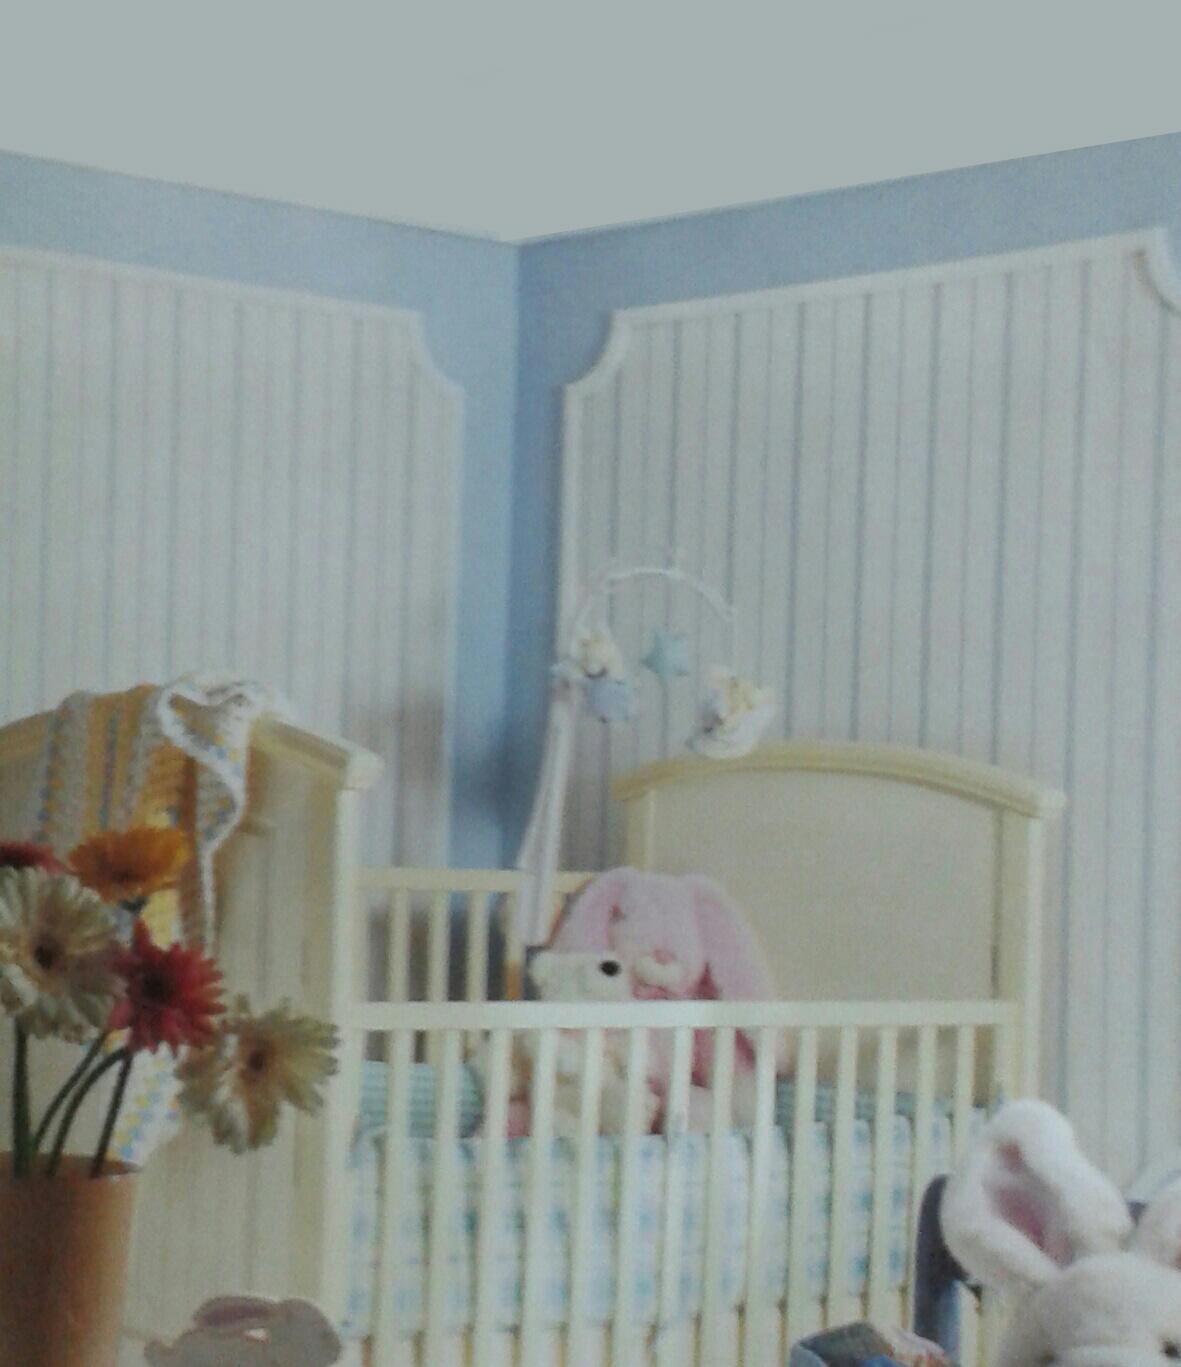 Primera habitaci n parte ii el papel pintado the for Papel para empapelar habitaciones